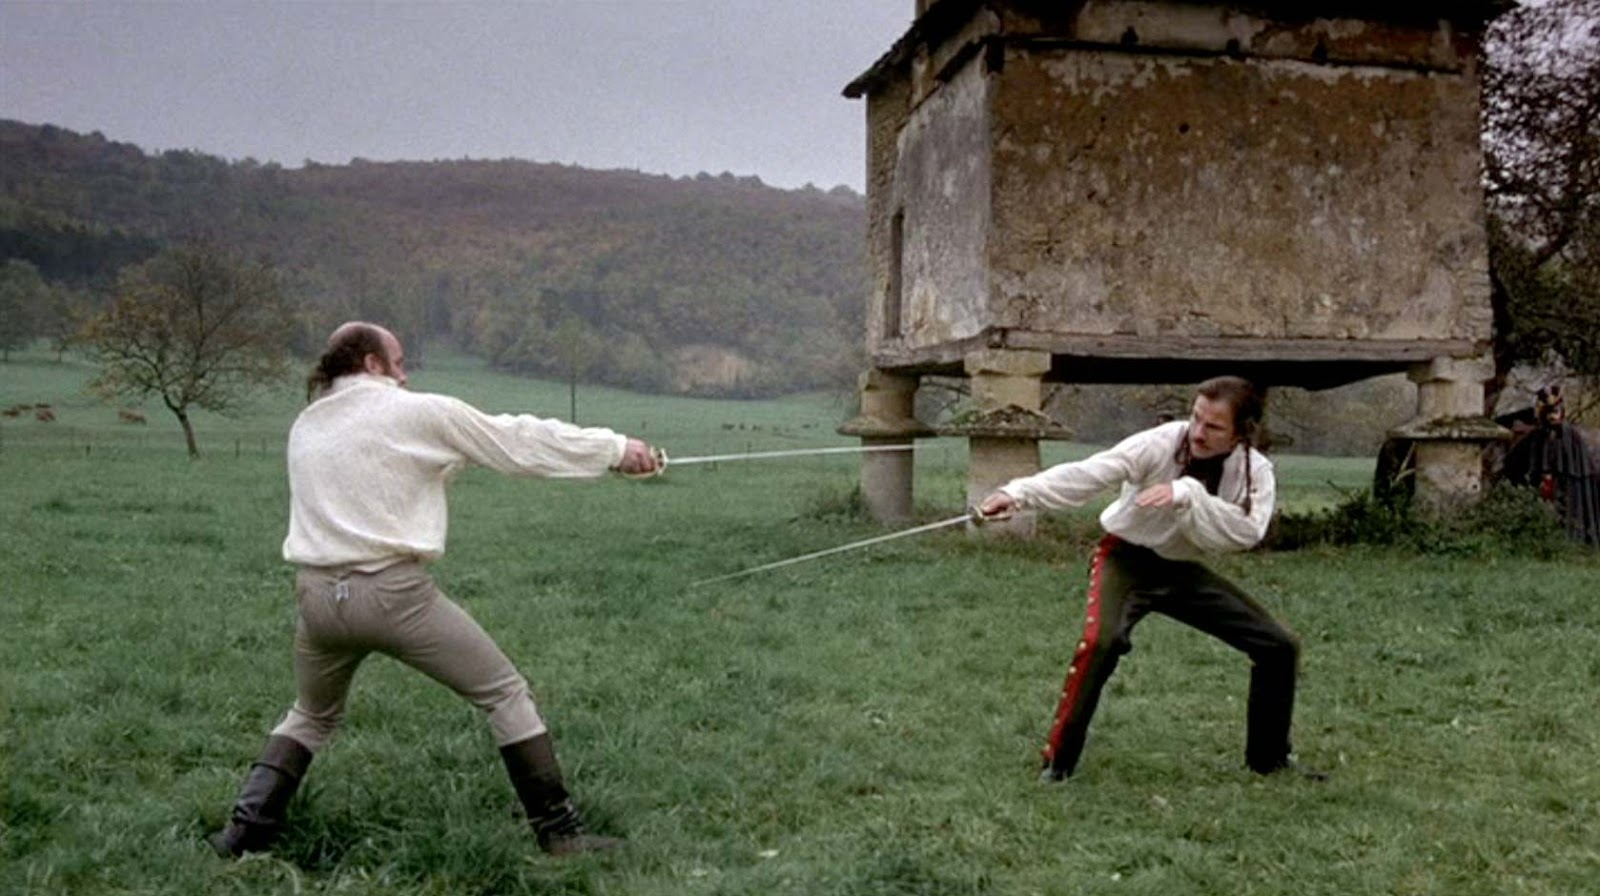 http://4.bp.blogspot.com/-Ik0vcFED6Uo/UPy5oaWgiHI/AAAAAAAAFts/l_iKZdrzDqY/s1600/duellists.jpg